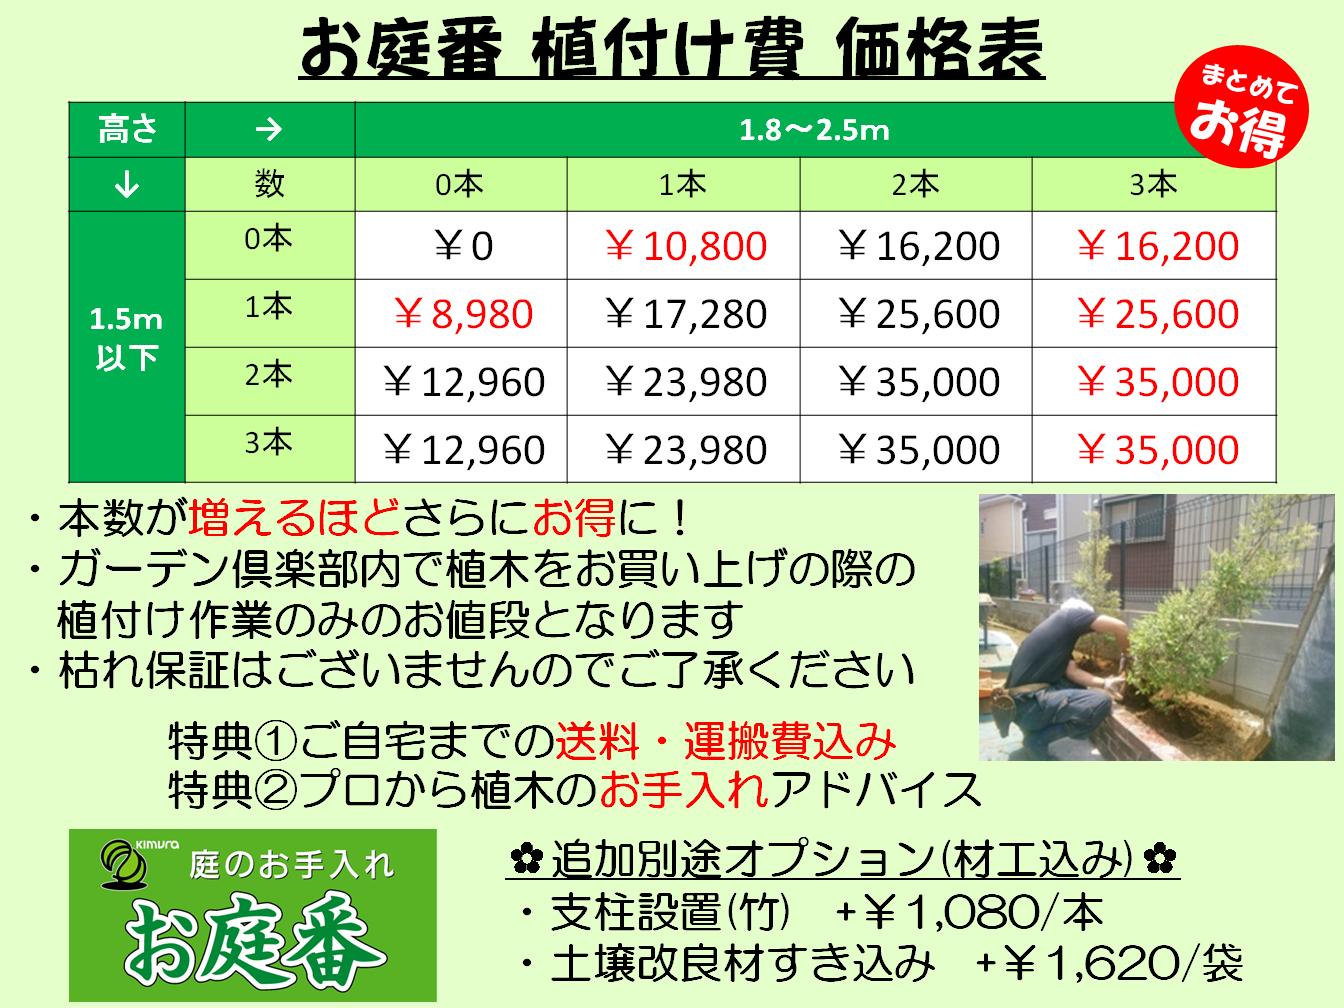 ガーデン植栽価格表